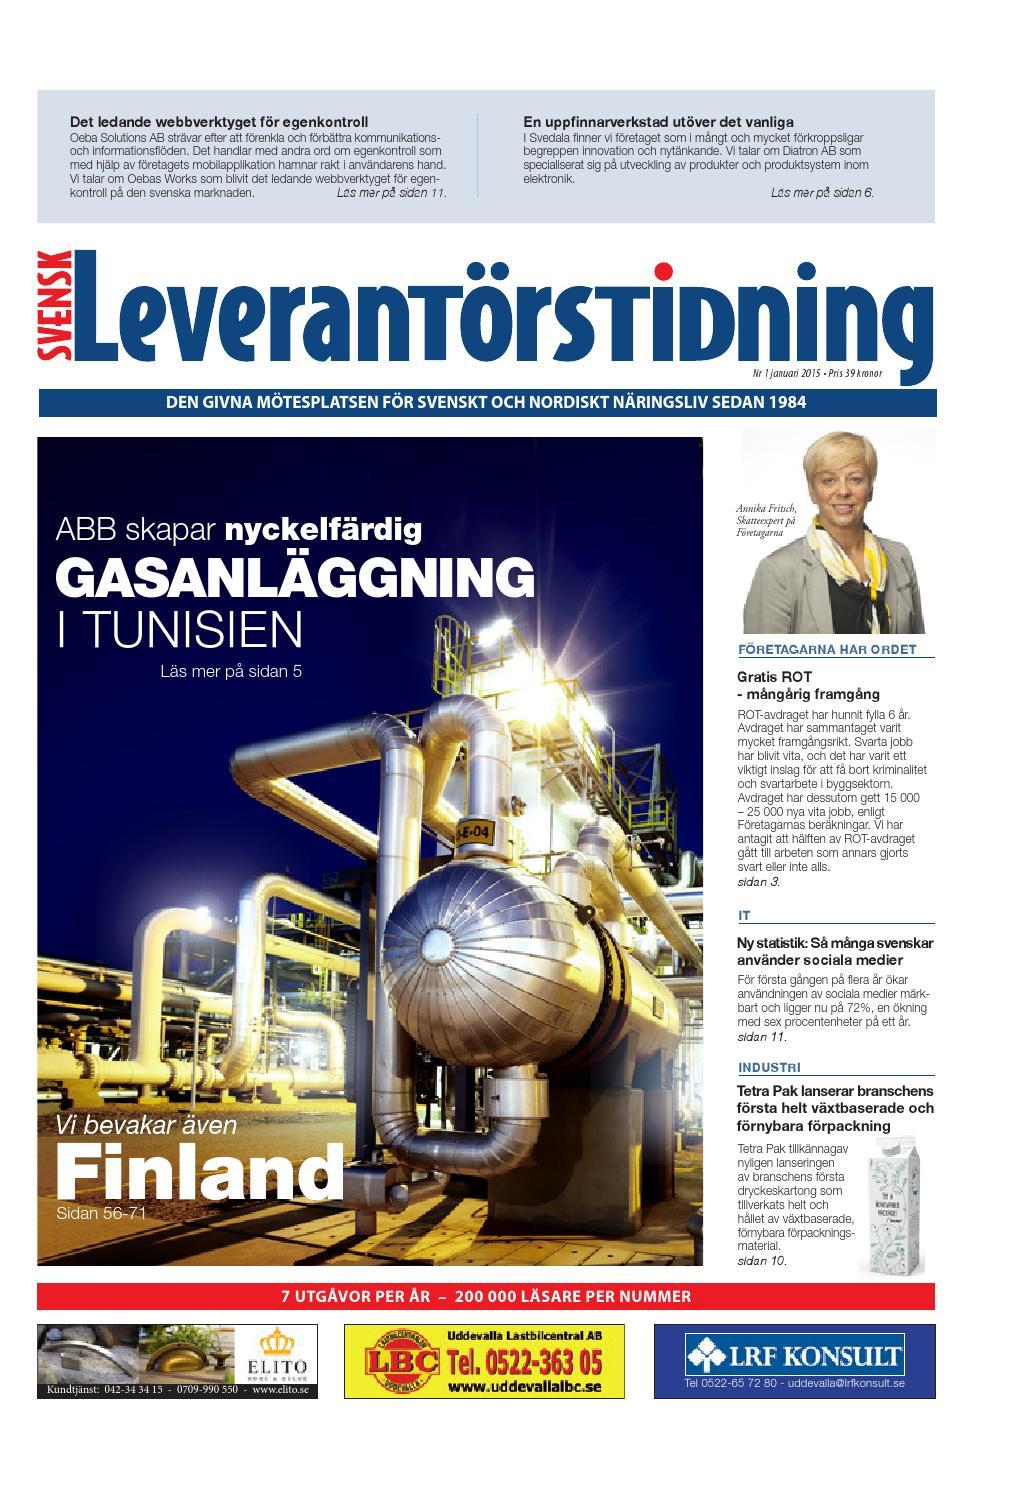 Svensk Leverantörstidning nr-1 2015 by Hexanova Media Group AB - issuu ef8011960929b